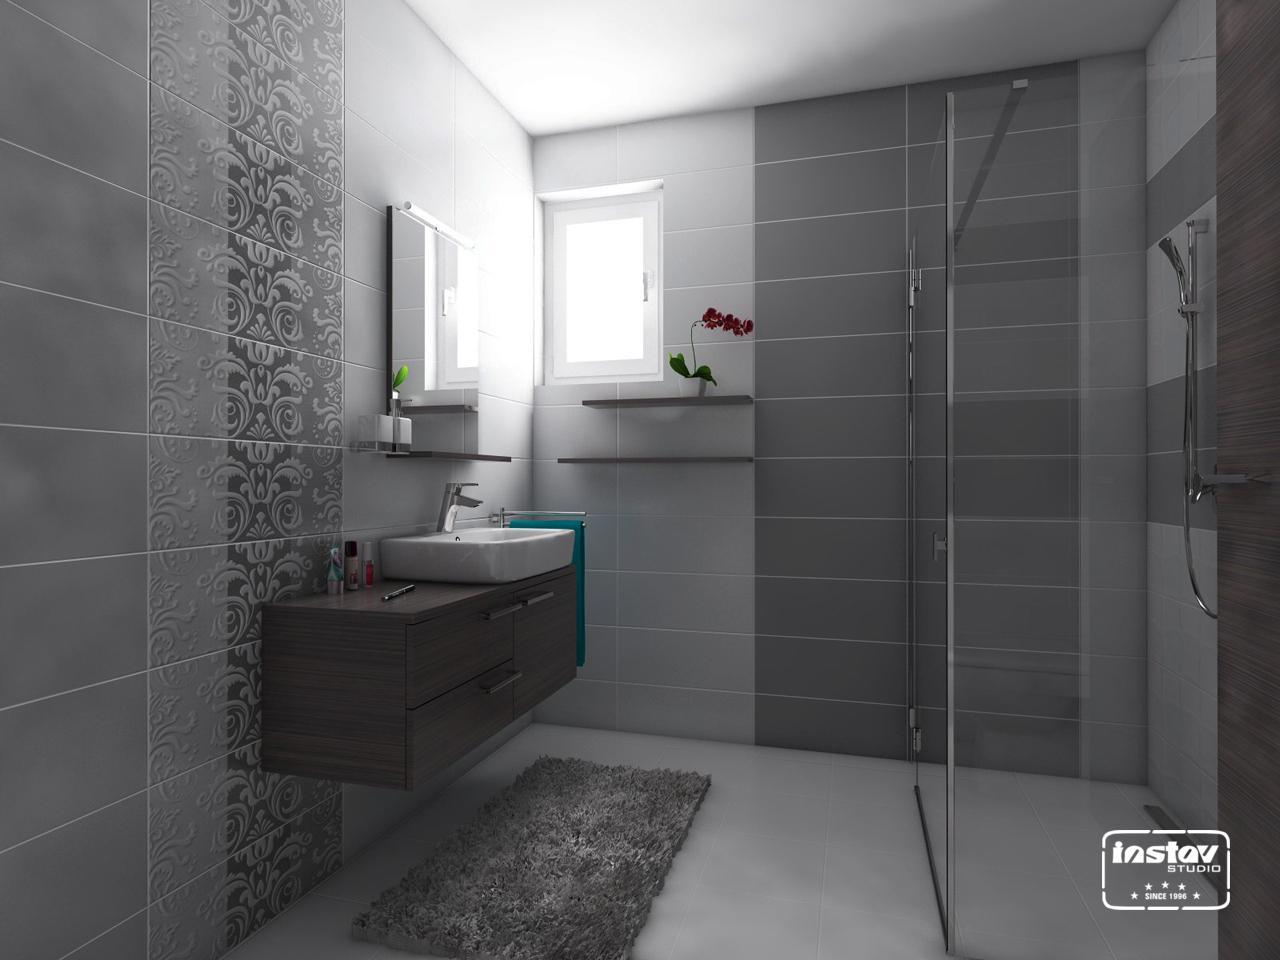 Vizualizácie kúpeľní - Vizualizácia kúpeľne - Reality